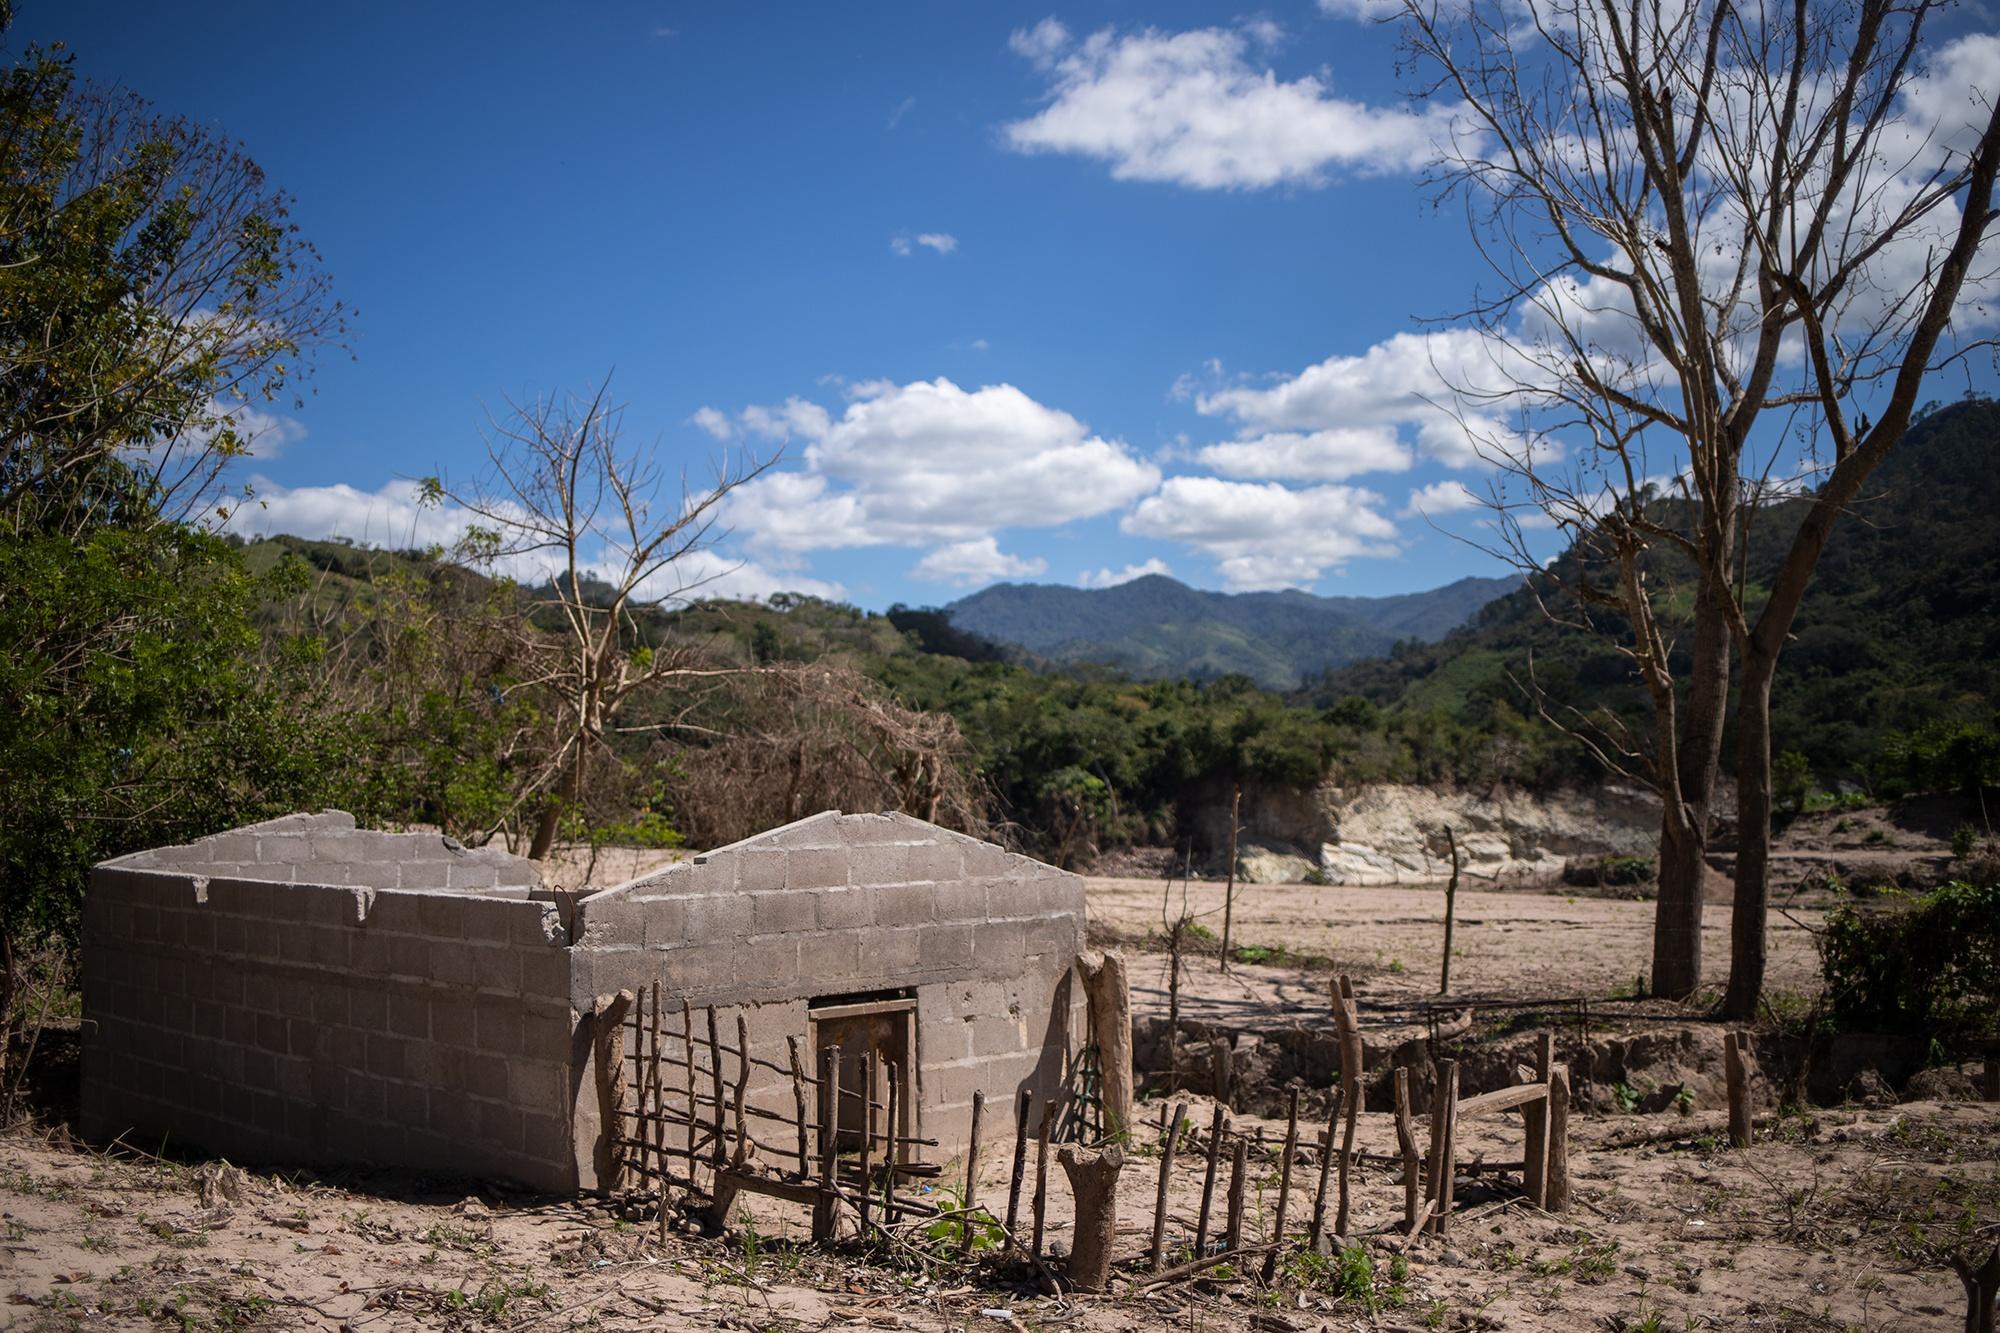 Brisas del Ulúa, una comunidad en la ribera del río Ulúa, quedó devastada tras el paso de las tormentas tropicales Eta e Iota. En la actualidad, 18 familias de esta comunidad se encuentran damnificadas en una escuela. Chinda, Santa Bárbara, 27 de enero de 2021. Foto: Martín Cálix.